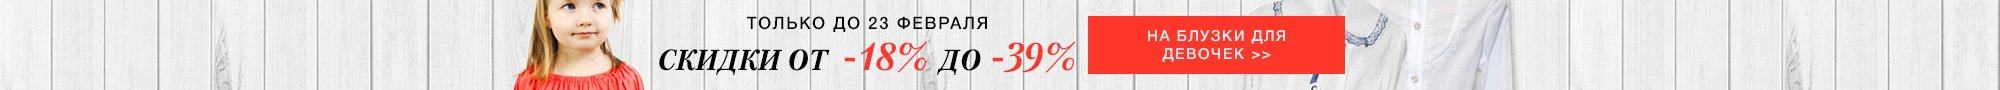 Скидки от 18% до 39% на категорию Блузки для девочек